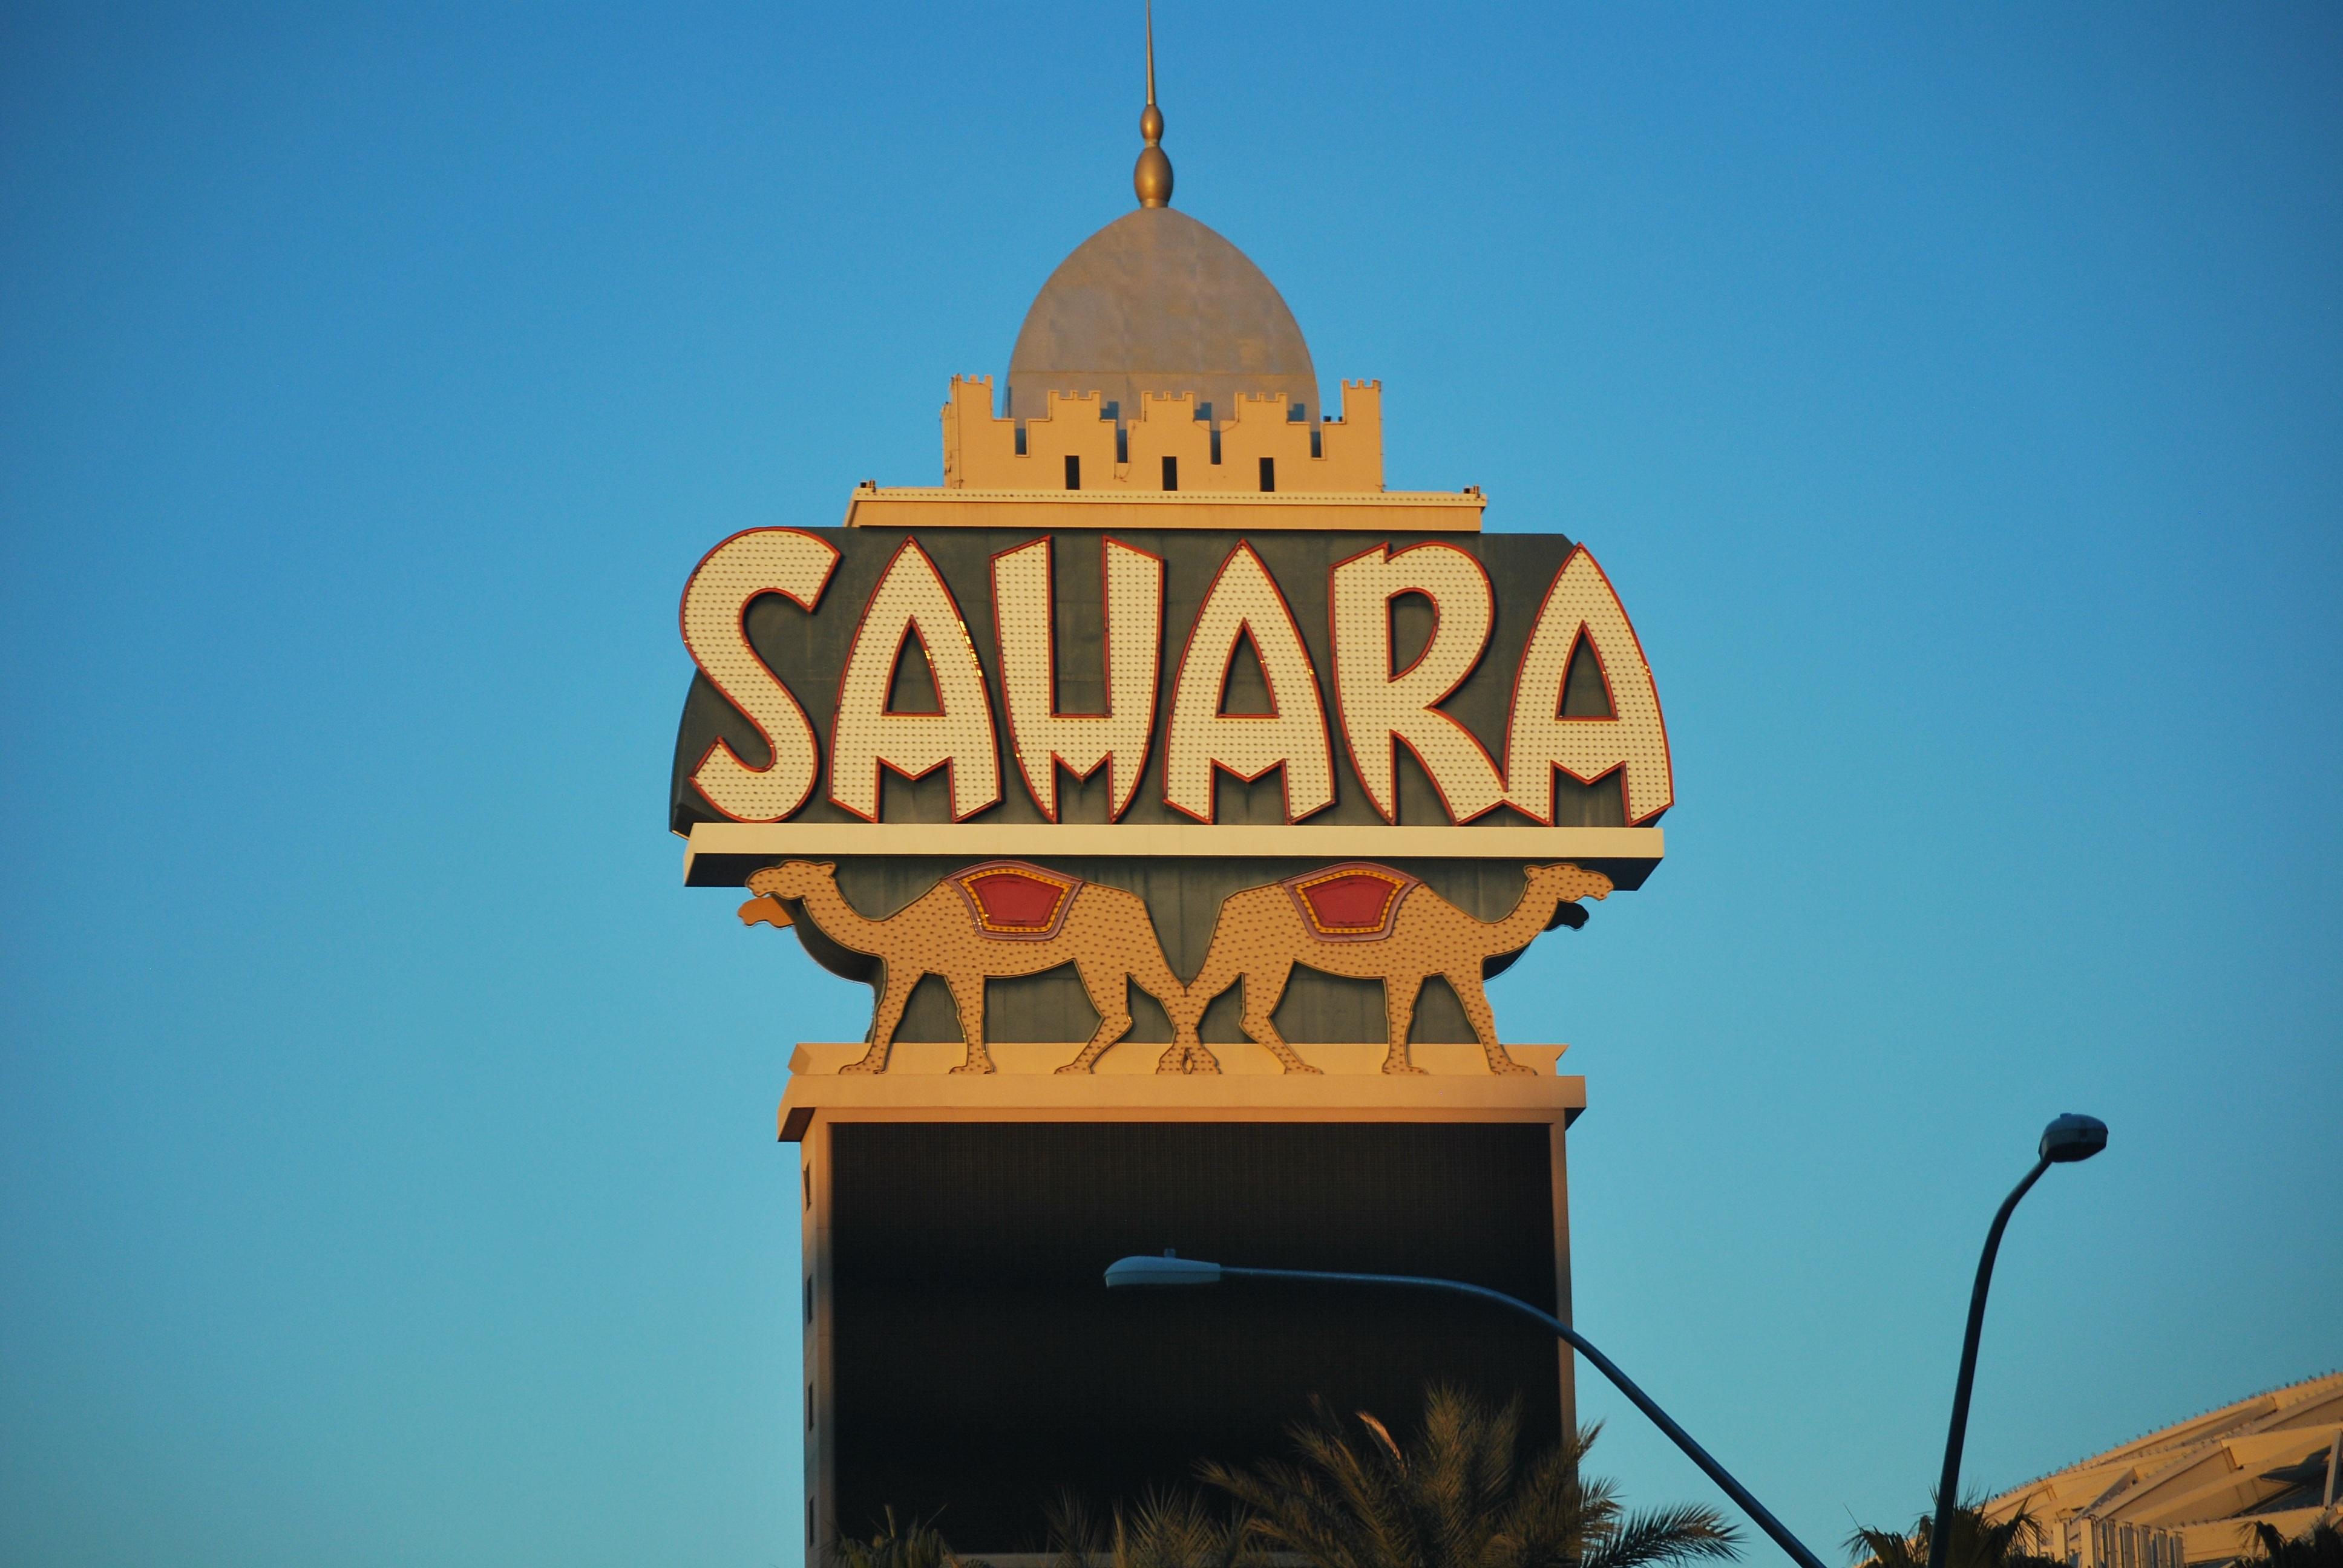 архитектура знак вечер Башня Ориентир храм казино Рекламный щит Лас Вегас Сахара казино